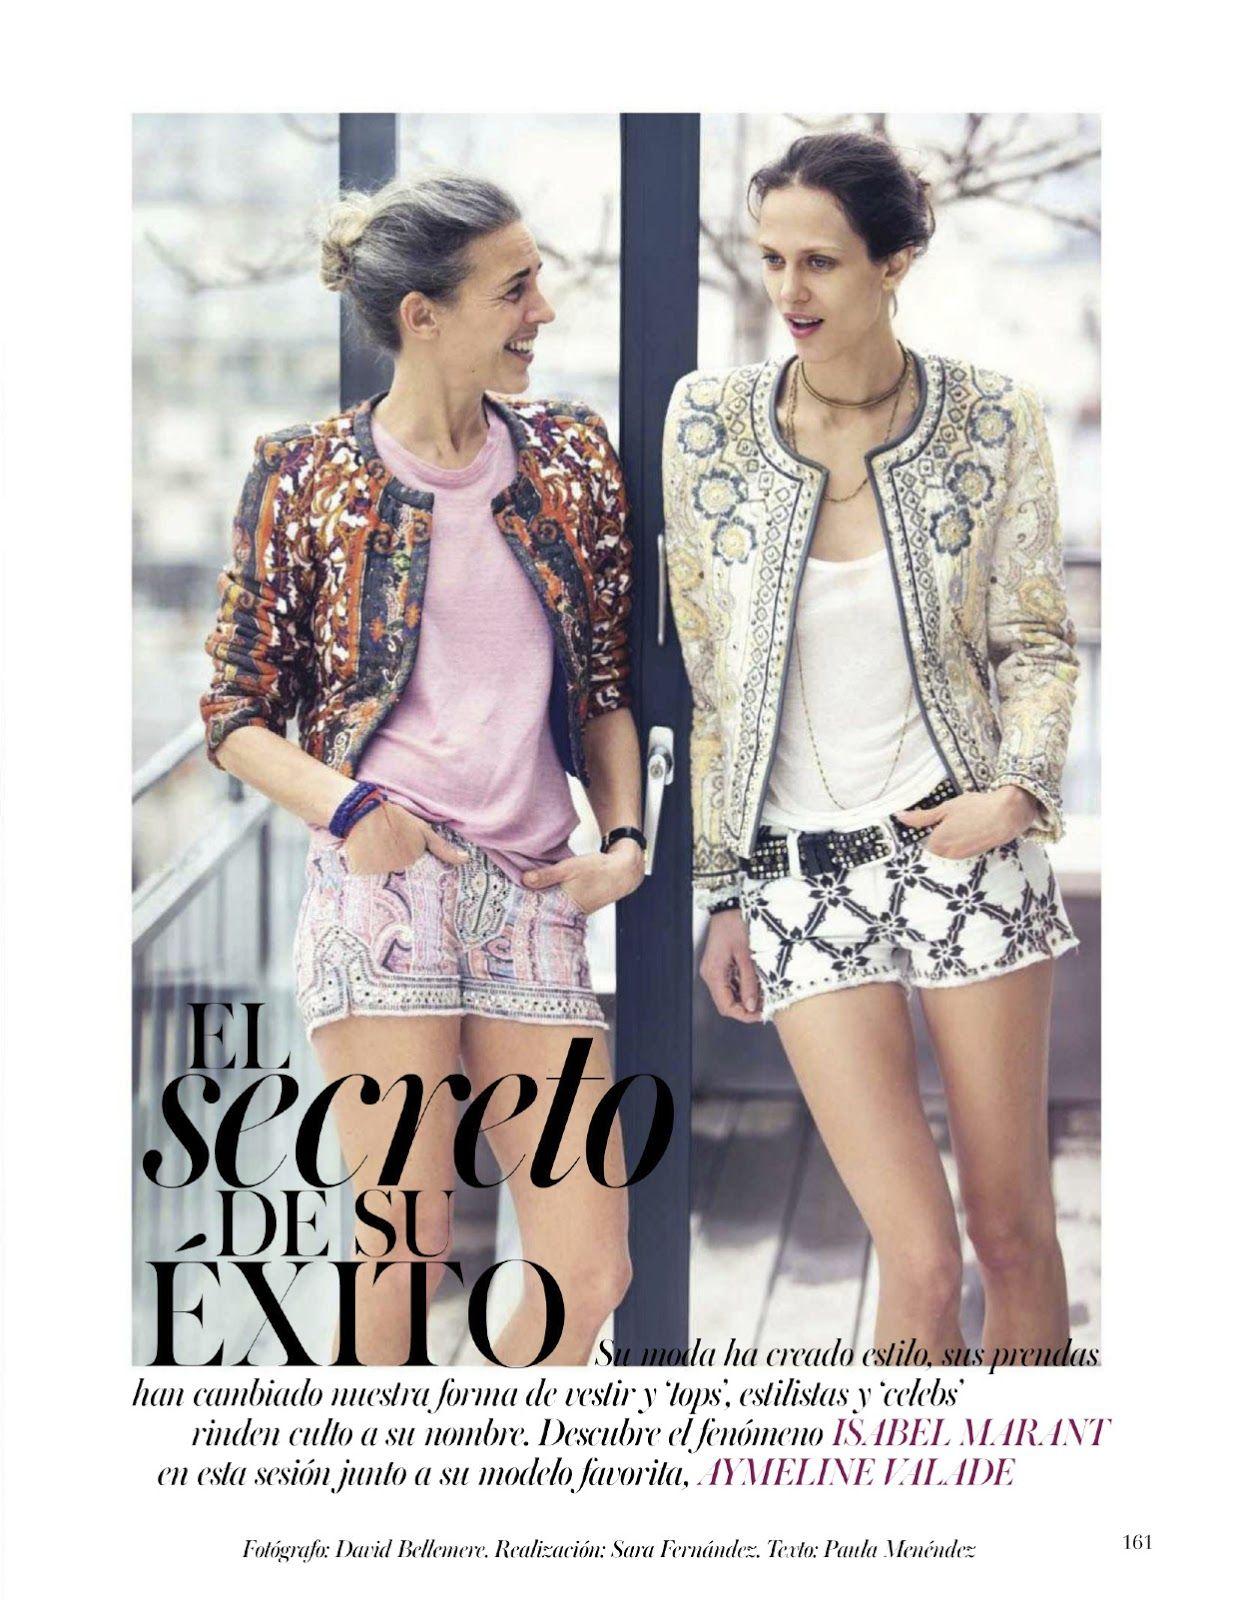 Marant - El secreto de su exito: aymeline Valade by David Bellemere for Vogue Spain june 2013